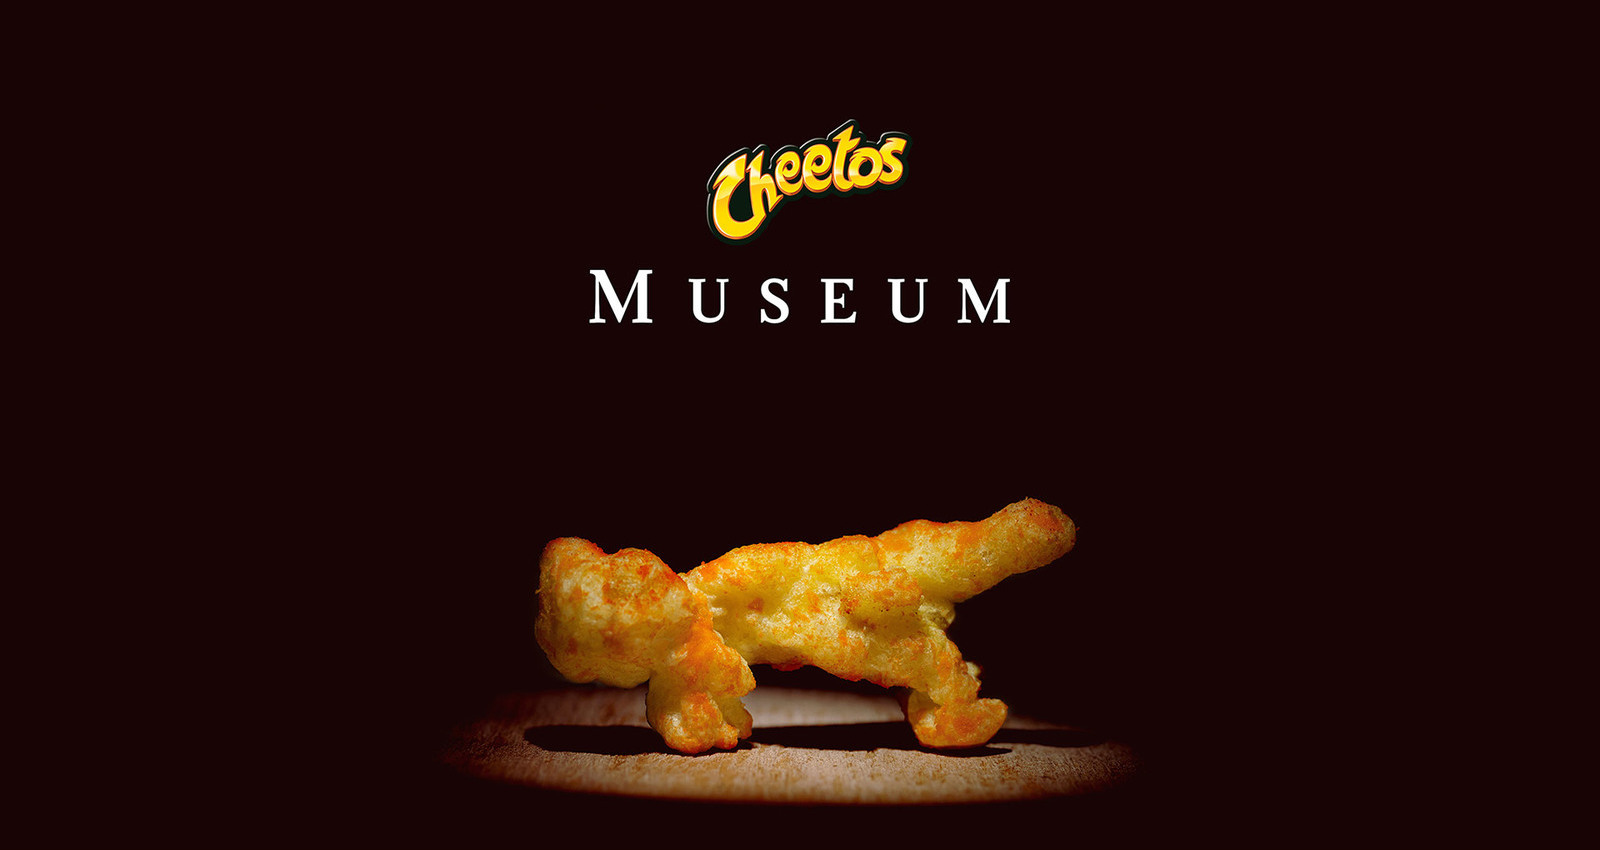 Cheetos Museum